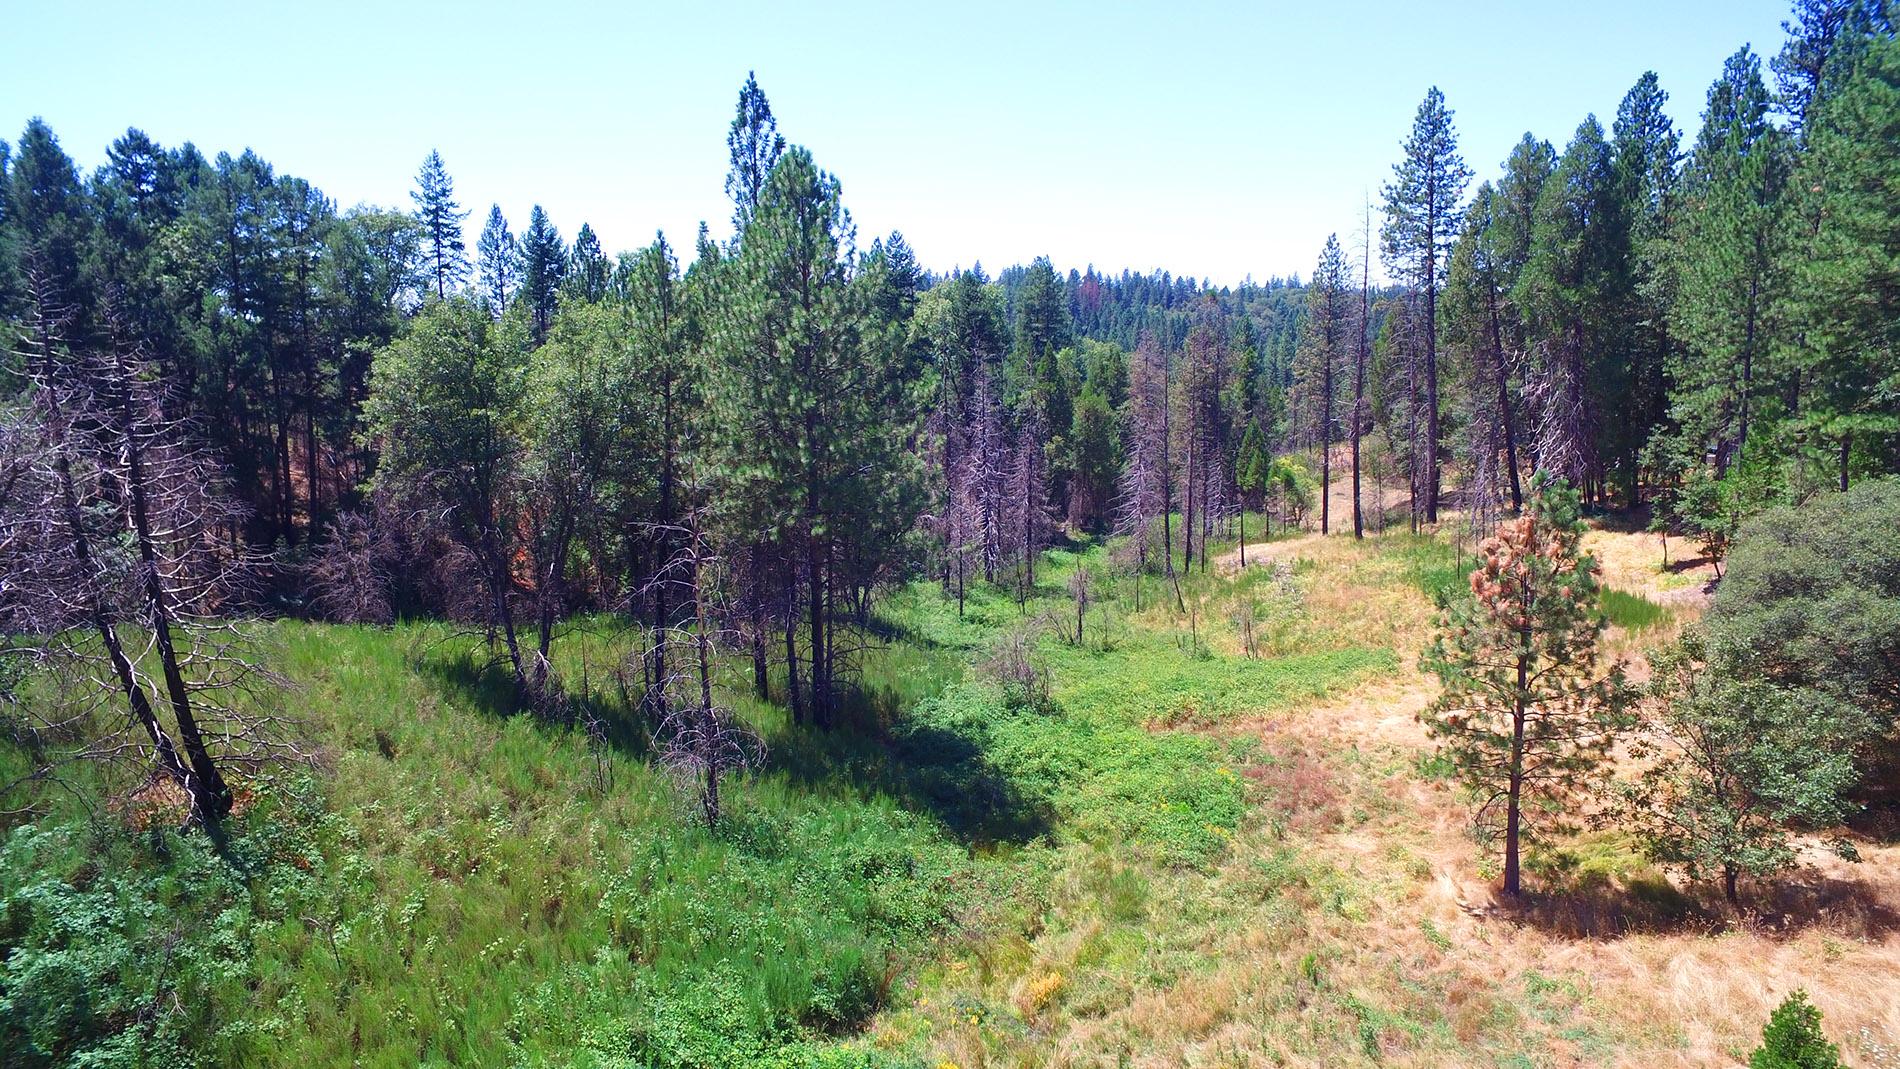 Terreno por un Venta en 52 acres with hilltop views 6000 Lower Main Street Georgetown, California 95634 Estados Unidos